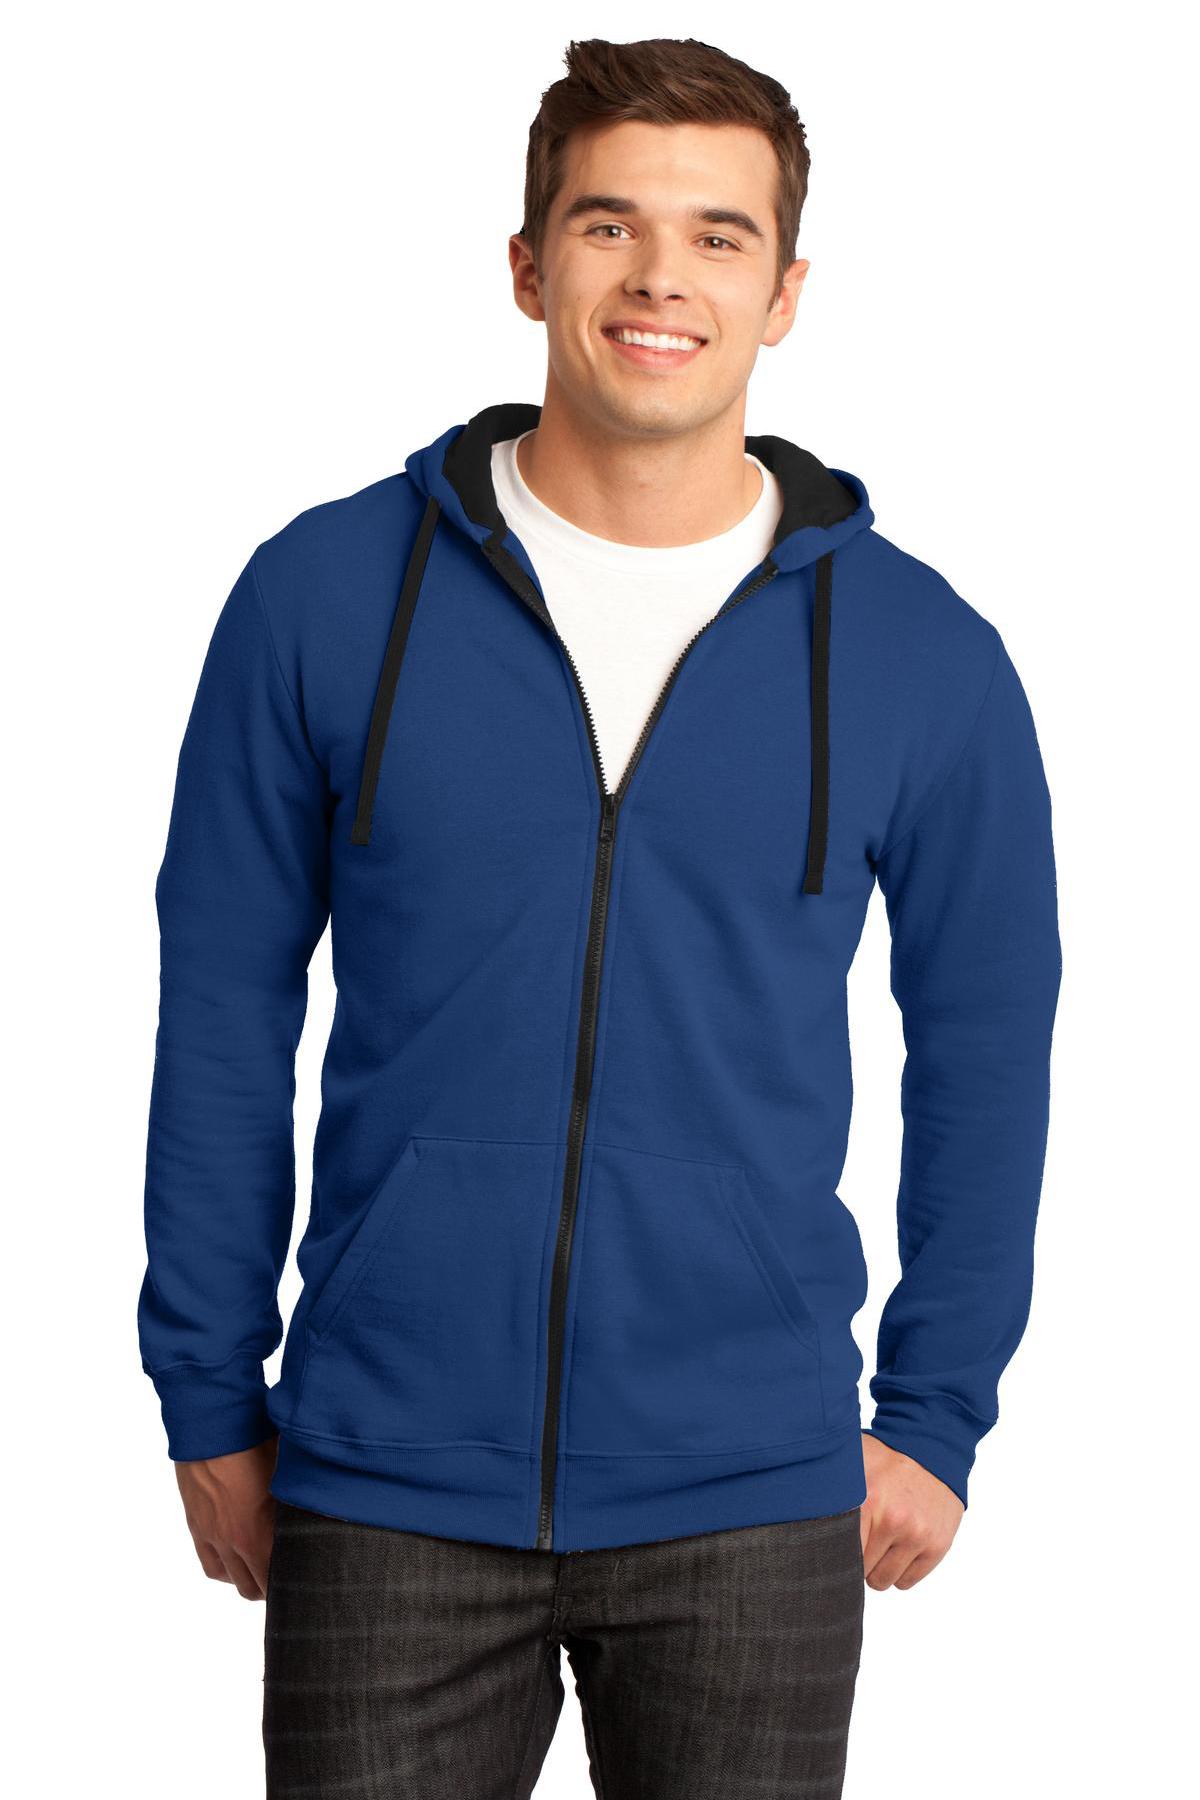 Sweatshirts-Fleece-Hooded-17